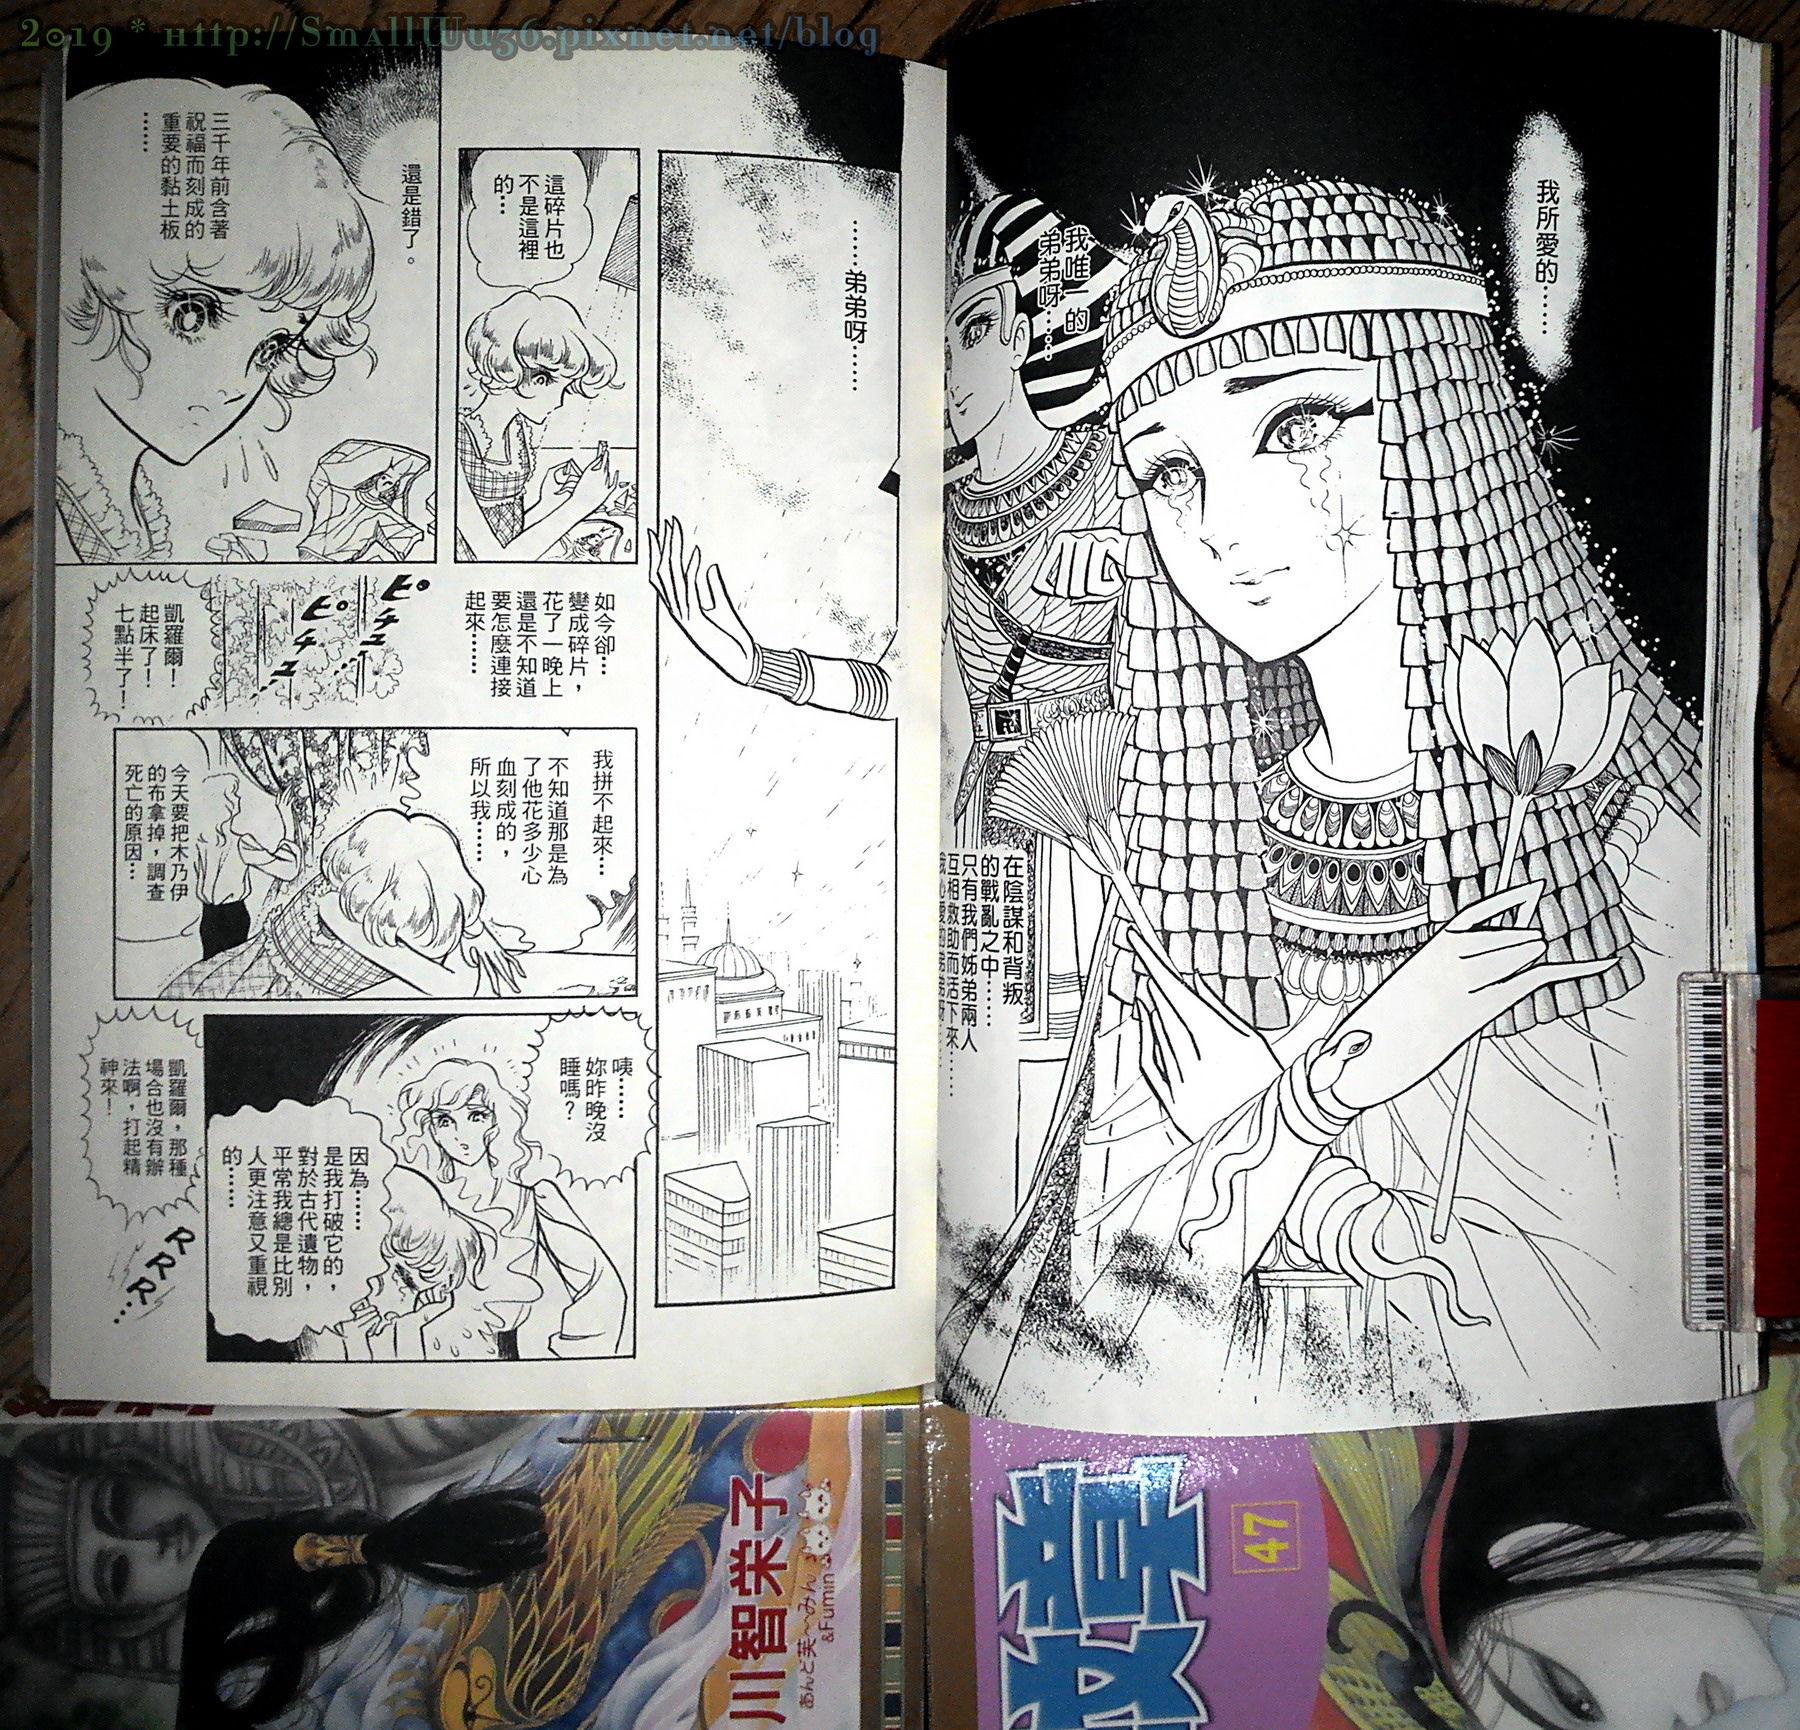 細川智榮子-王家的紋章(尼羅河女兒) 01-48 (長鴻)  vol_01.jpg